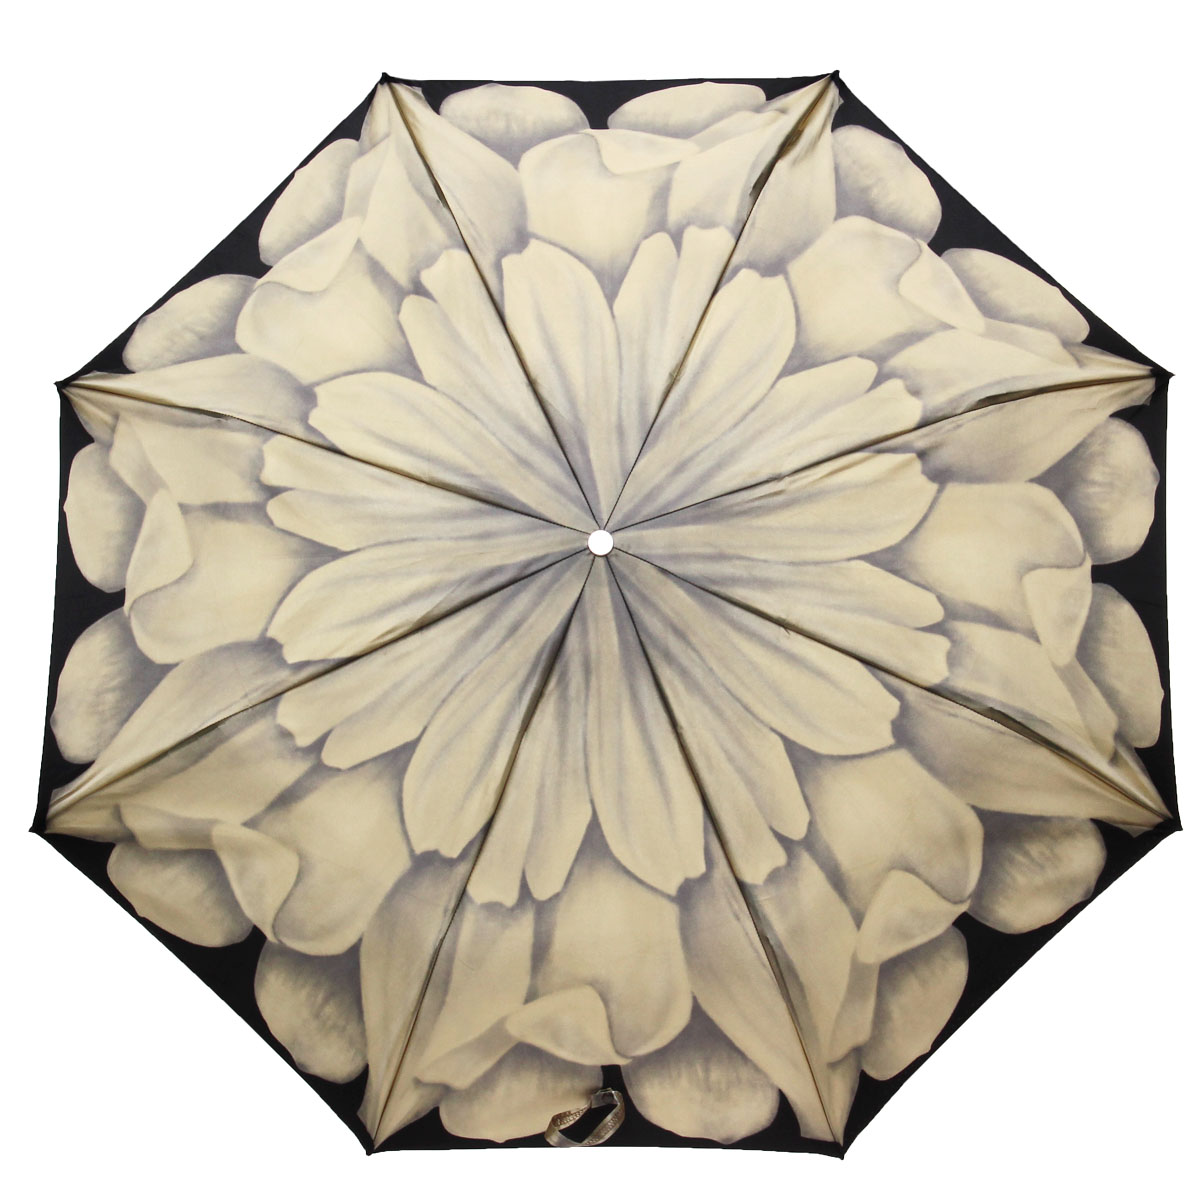 Зонт жеский Pasotti, механический, 3 сложения, черный, серыйS-IKKAT/BEIGE.BLUEСтильный механический зонт Pasotti даже в ненастную погоду позволит вам оставаться стильной и элегантной.Фигурная рукоятка выполнена из металла и украшена резным орнаментом и стразой. Каркас зонта состоит из восьми металлических спиц.Зонт имеет механический механизм сложения: купол открывается и закрывается вручную до характерного щелчка.Купол зонта выполнен из прочного сатина и оформлен изображением цветка. Закрытый купол фиксируется хлястиком на кнопку.Компактные размеры зонта в сложенном виде позволят ему без труда поместиться в сумочке и не доставят никаких проблем во время переноски. На рукоятке для удобства есть металлическая цепочка, позволяющая надеть зонт на руку тогда, когда это будет необходимо. К зонту прилагается чехол.